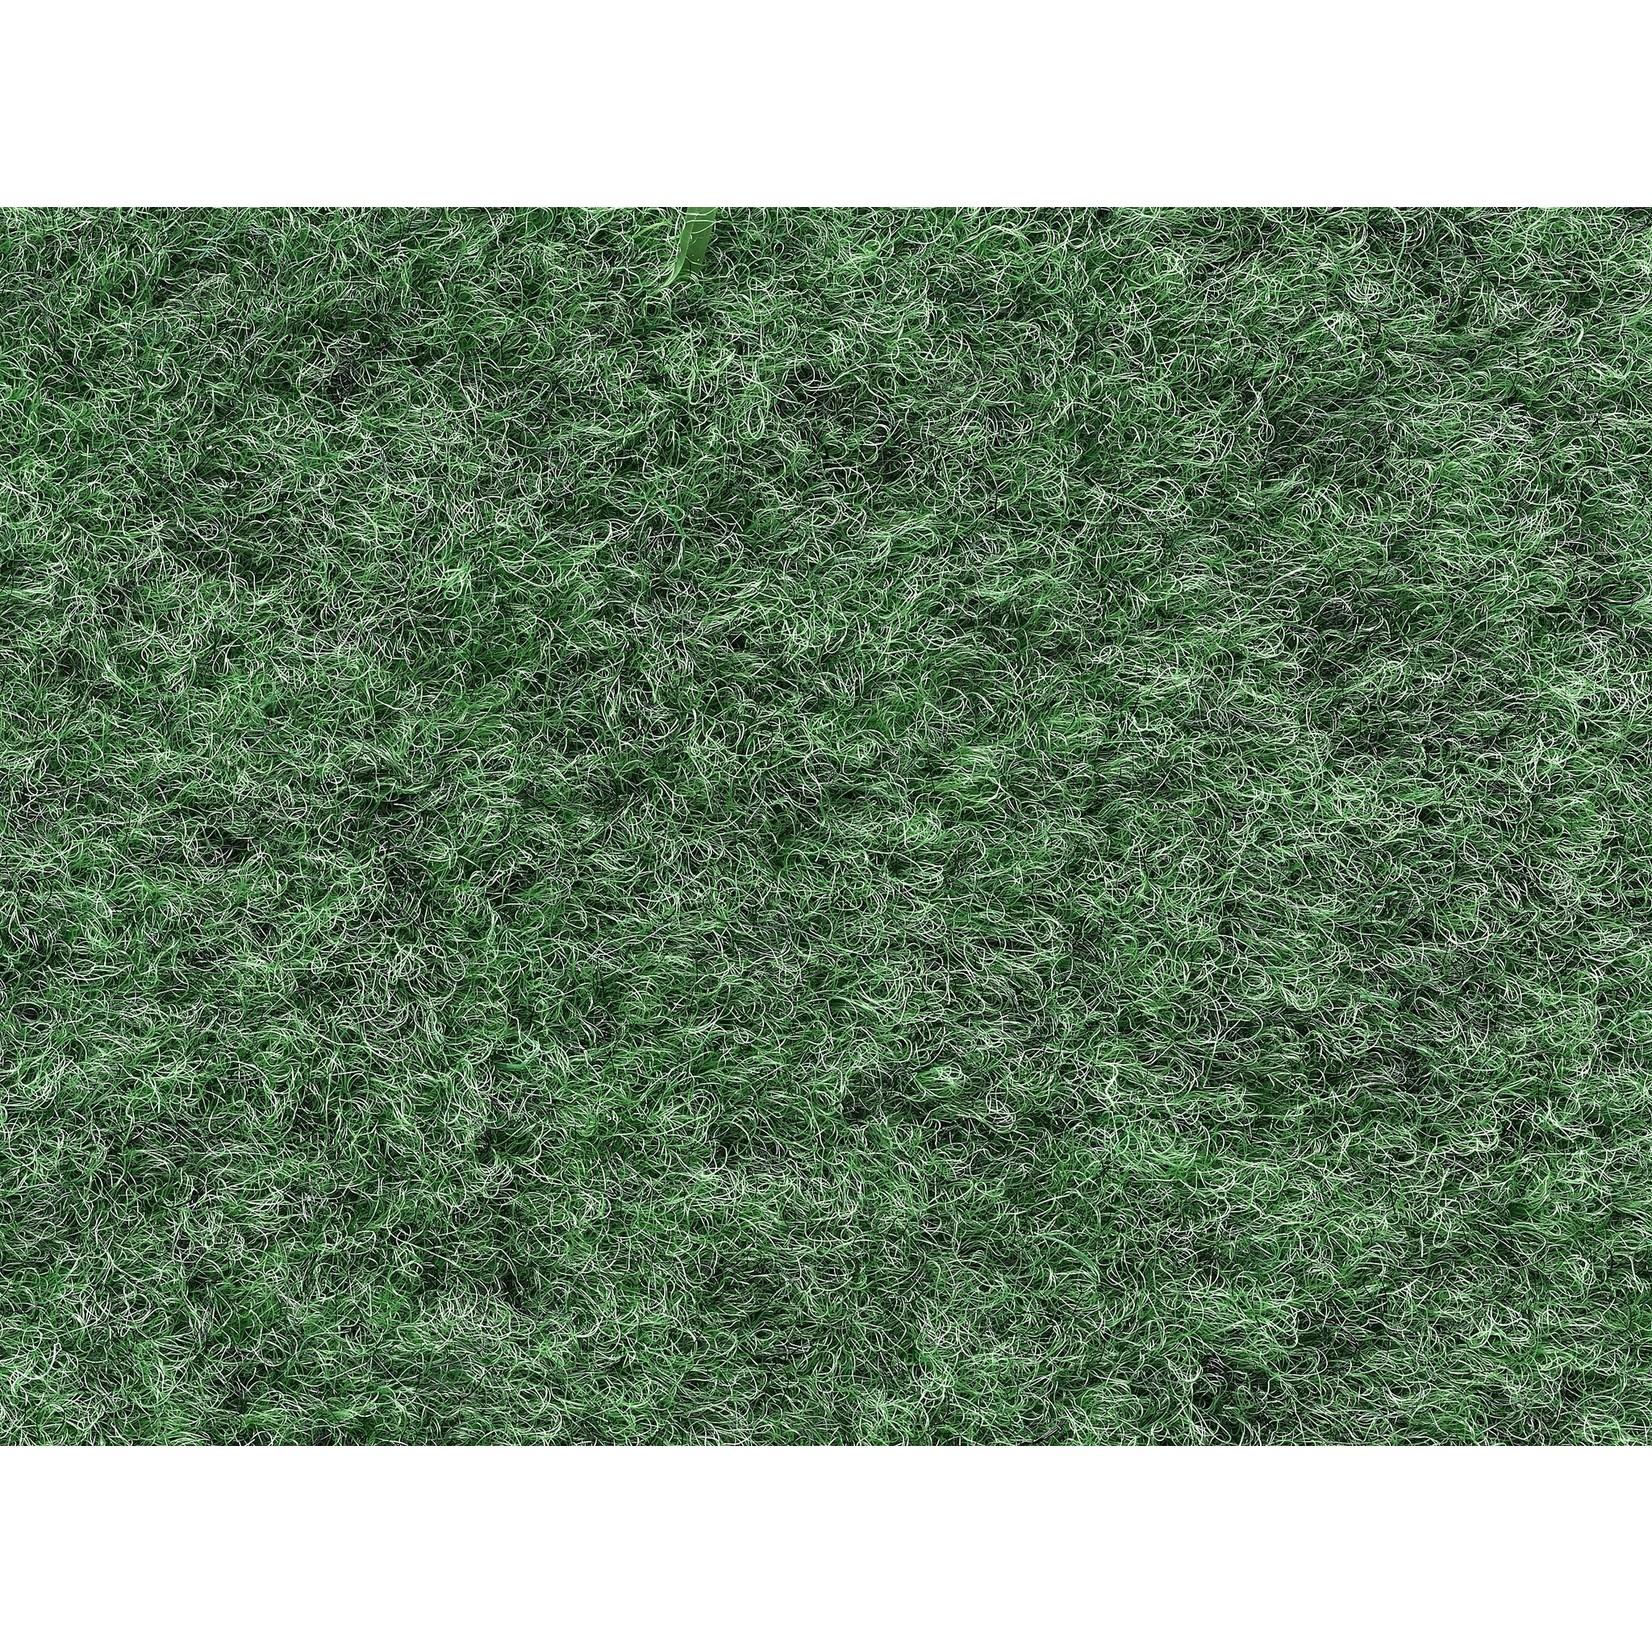 Hamat Marbella Groen met Nop 133x400cm